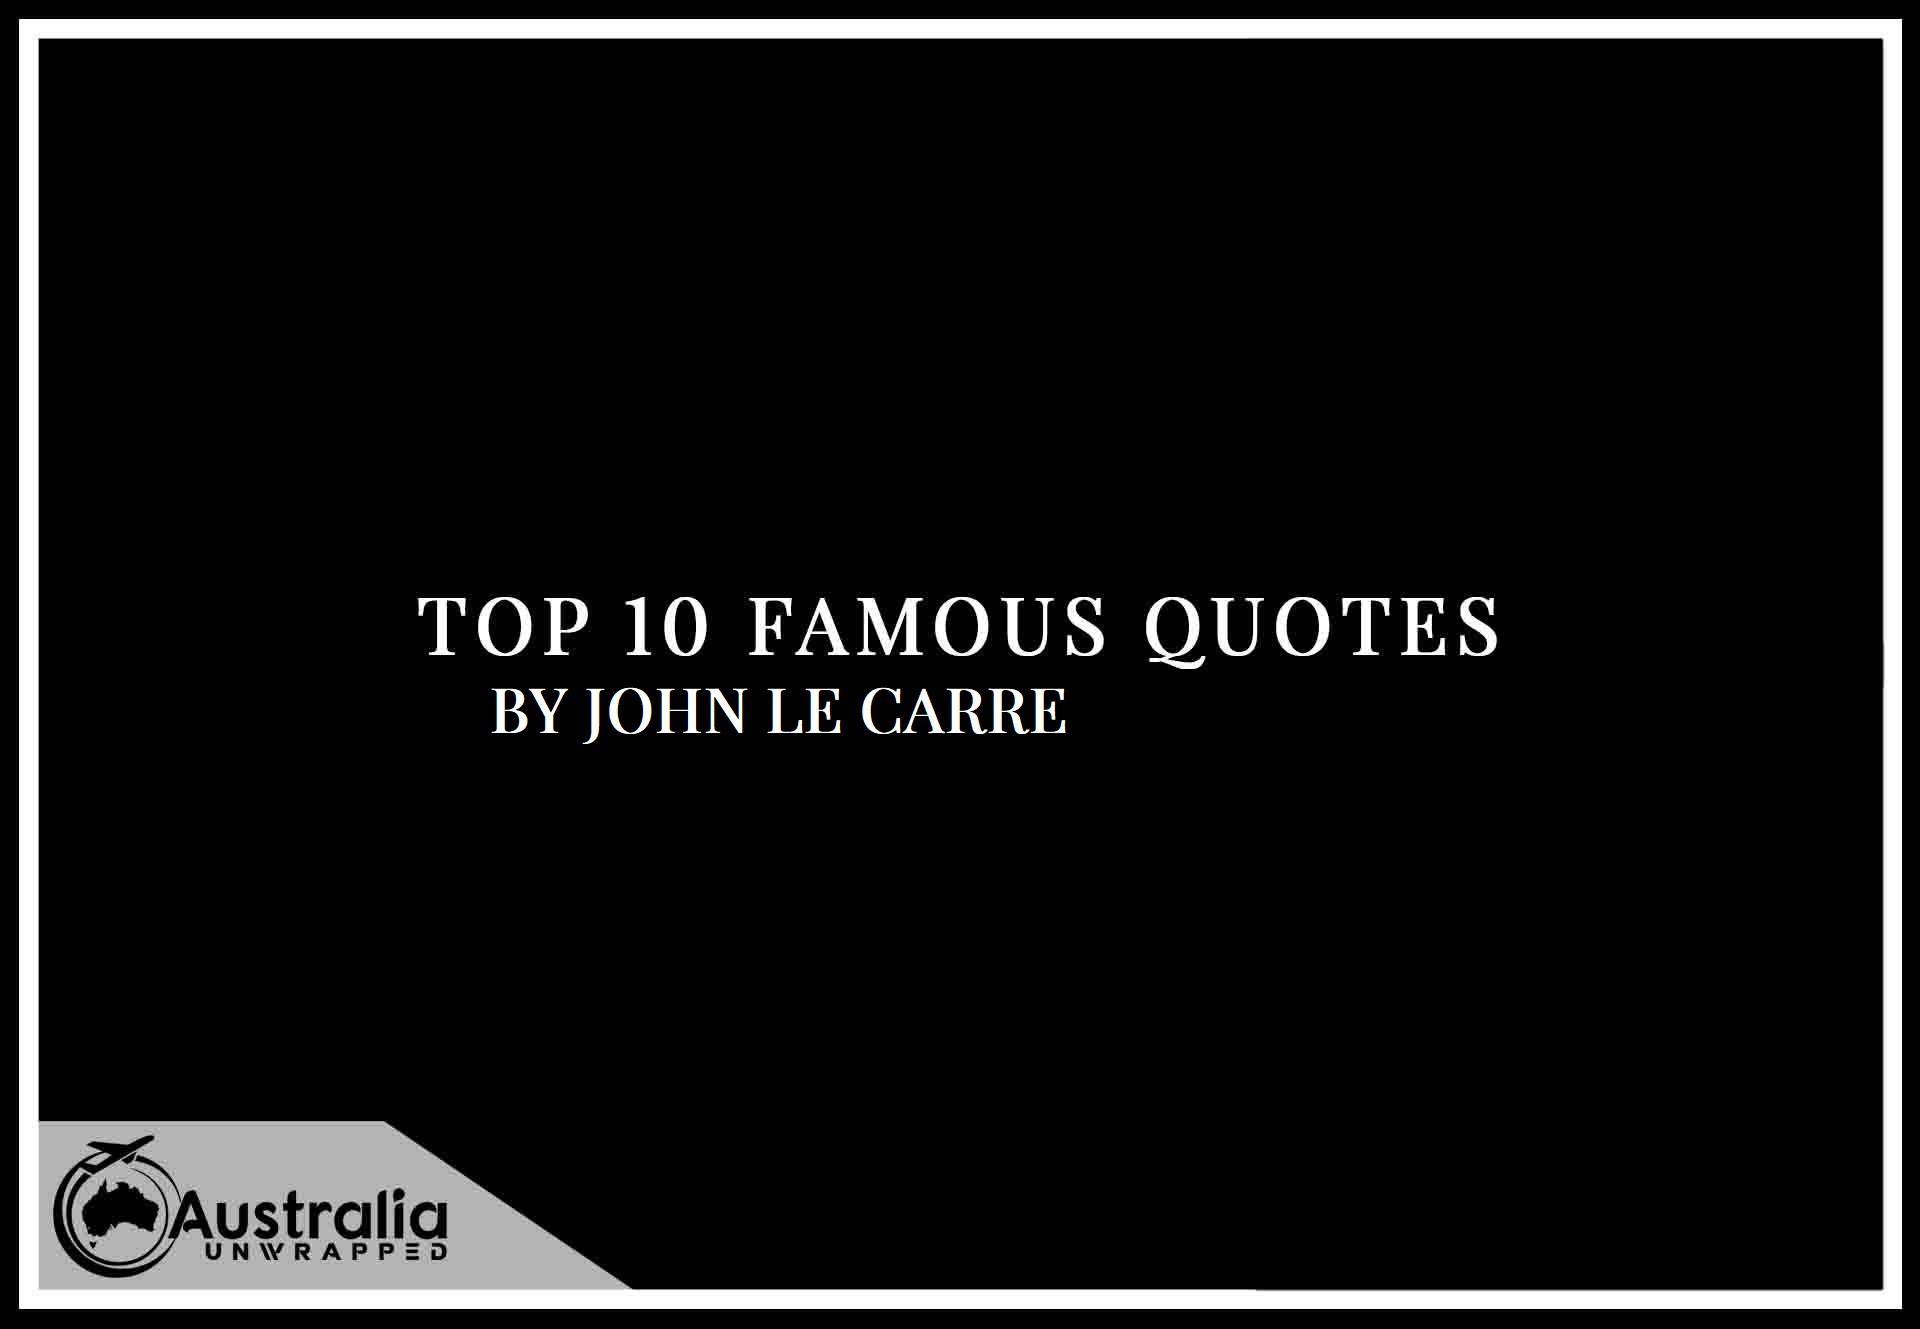 Top 10 Famous Quotes by Author John le Carré